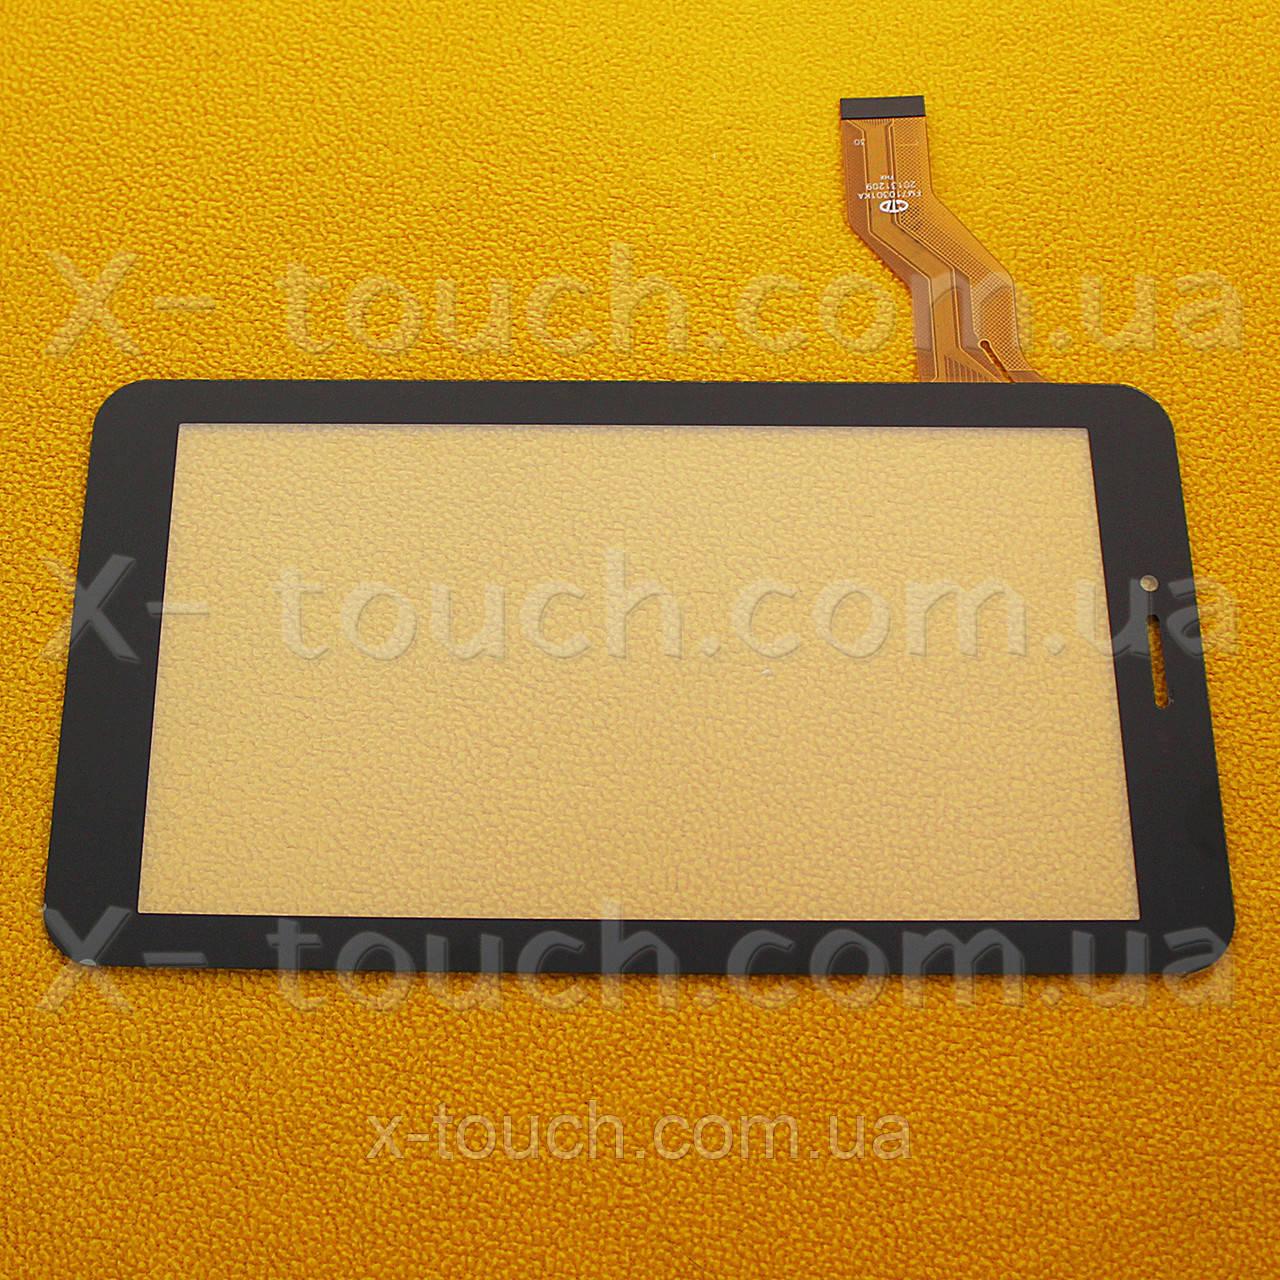 Тачскрин, сенсор NJG070099AEG0B-V0 для планшета